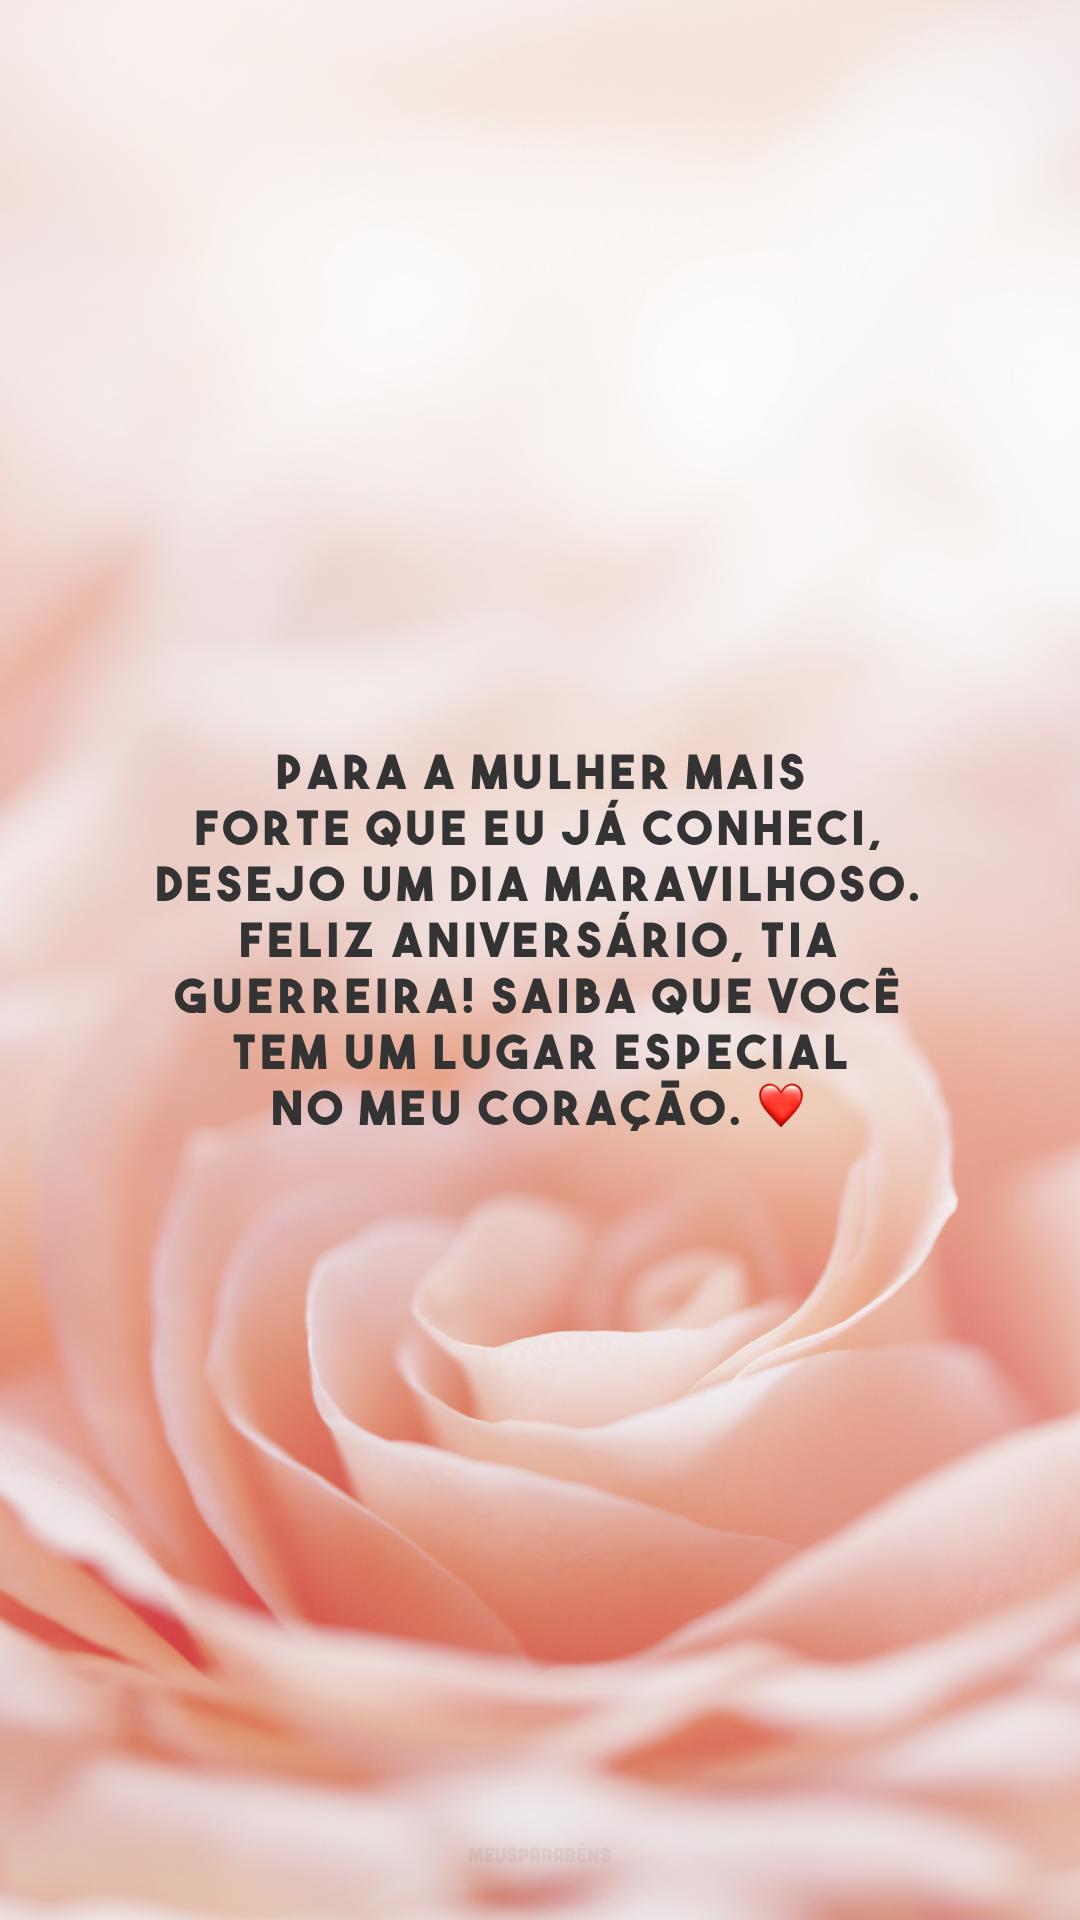 Para a mulher mais forte que eu já conheci, desejo um dia maravilhoso. Feliz aniversário, tia guerreira! Saiba que você tem um lugar especial no meu coração. ❤️